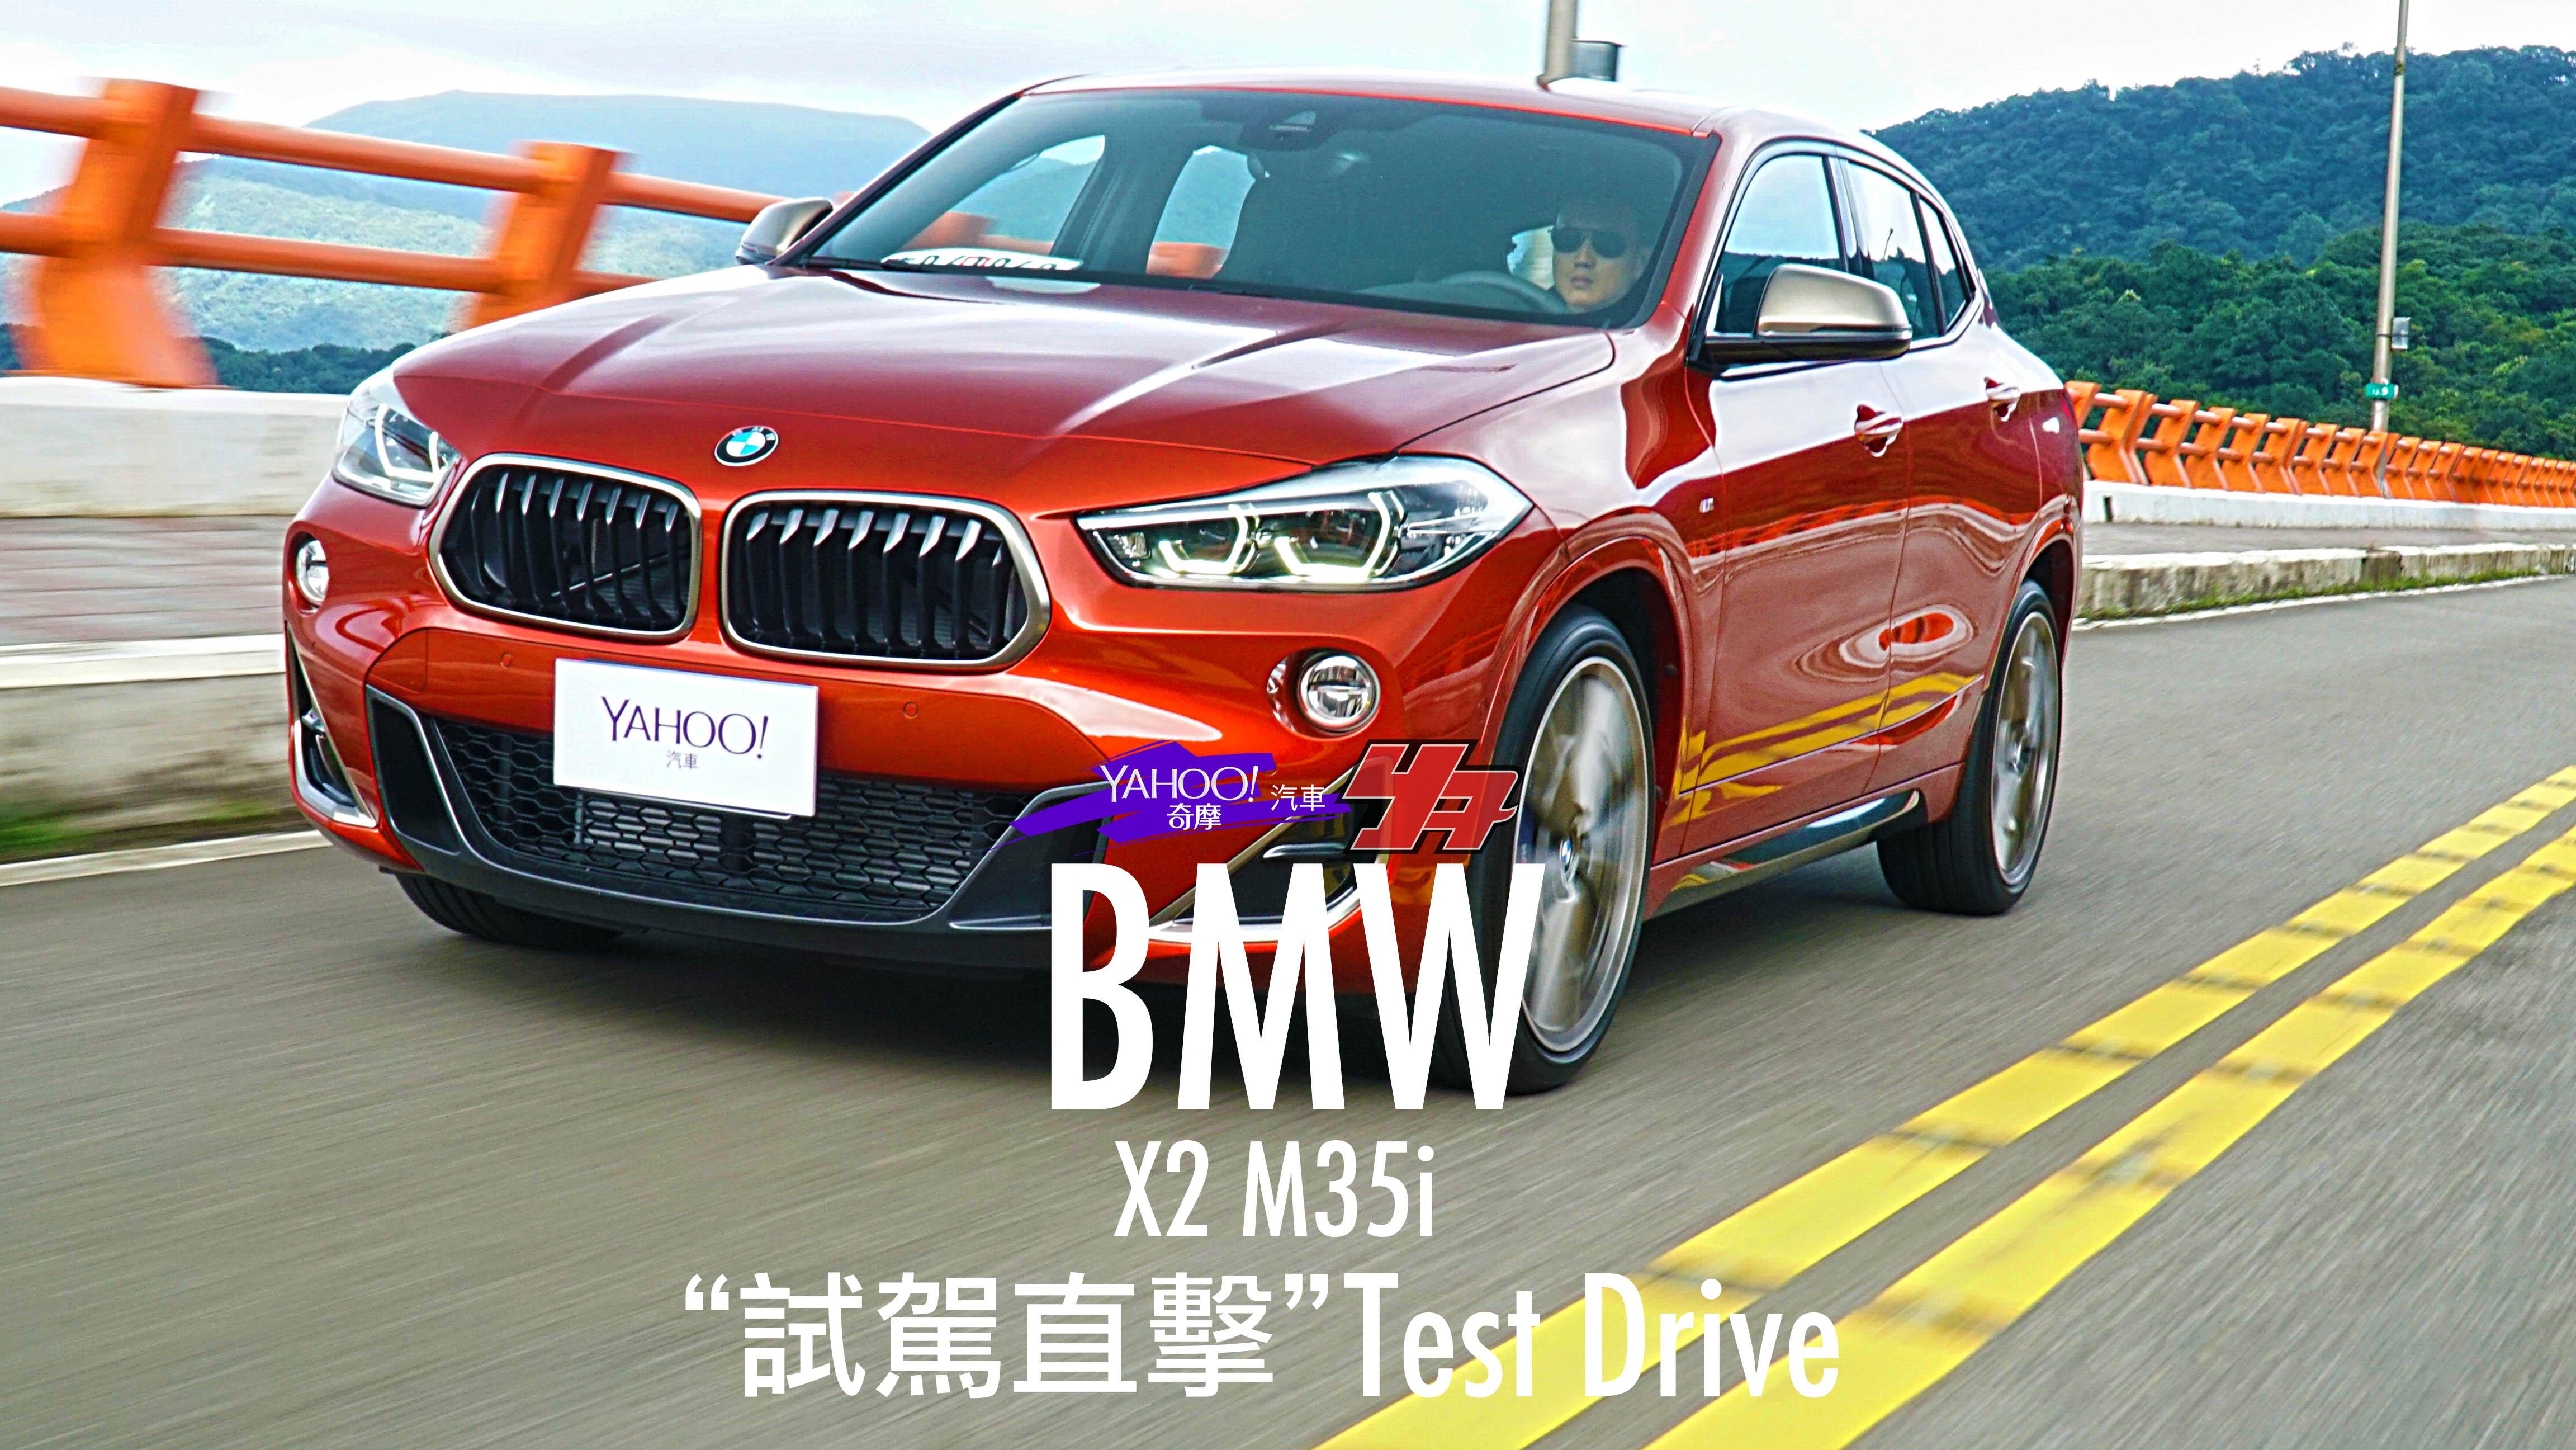 【試駕直擊】更加鋼砲的跨界潮流之作!2019 BMW X2 M35i山道試駕